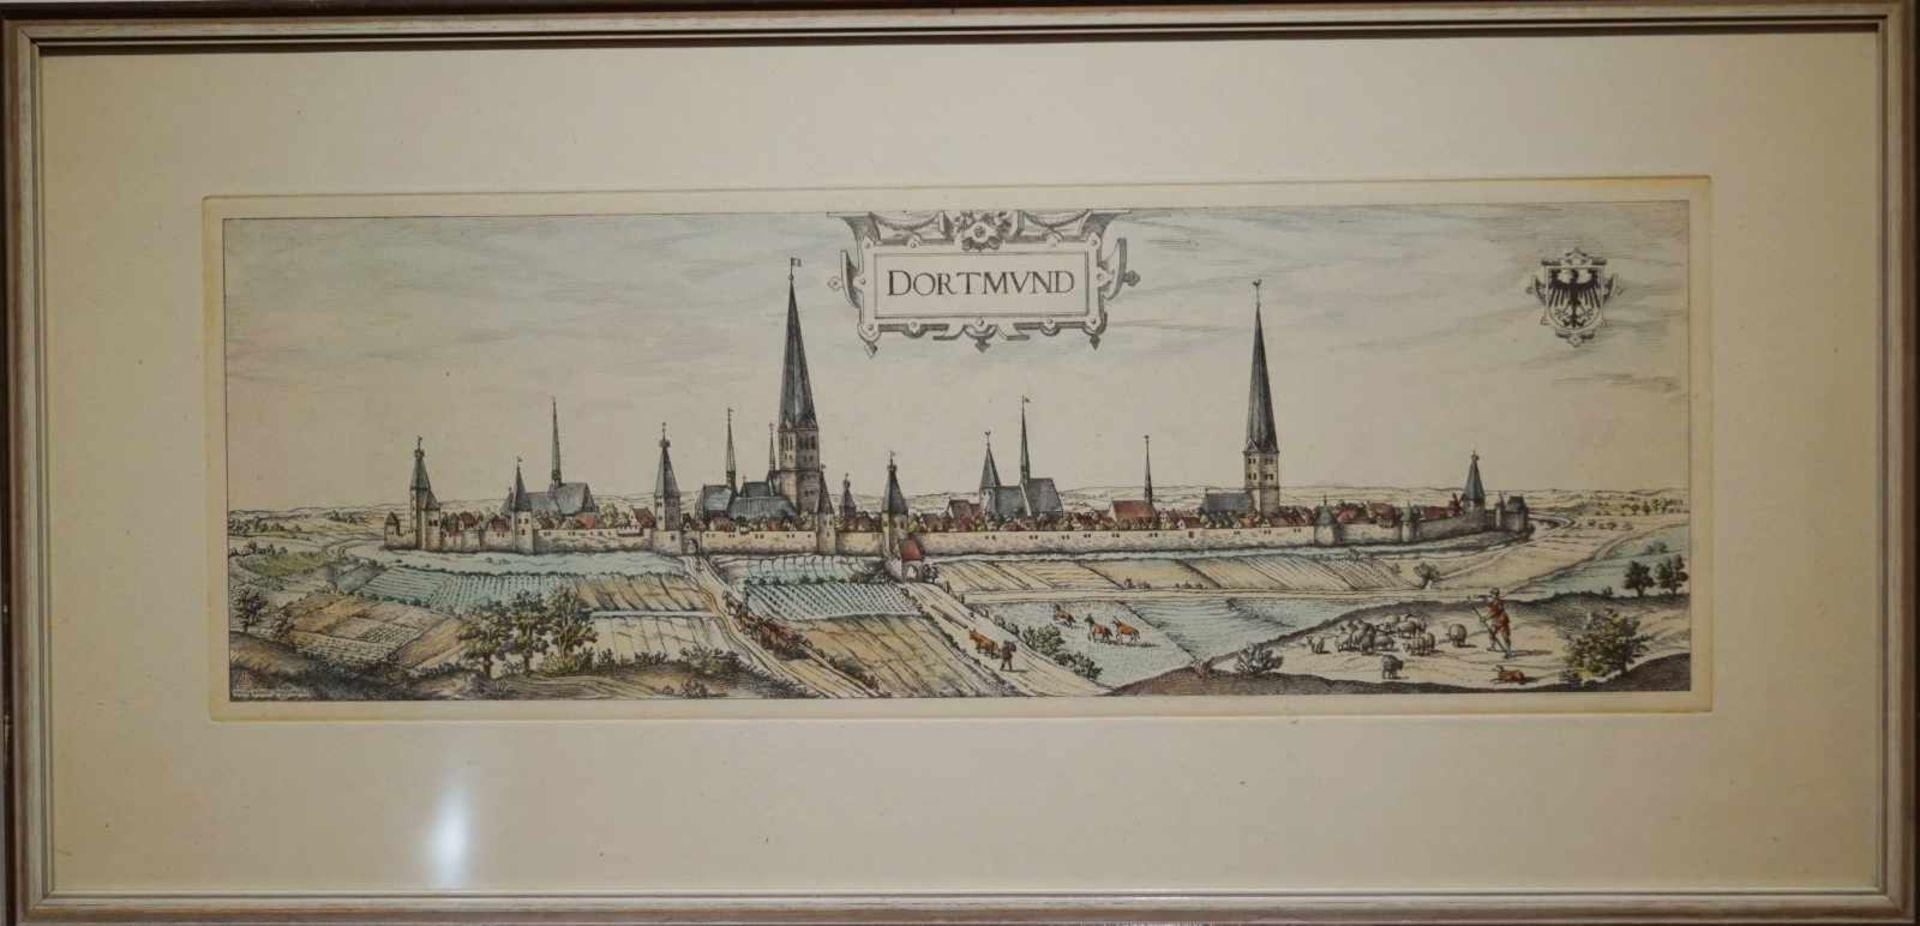 Ansicht von Dortmund im Mittelalter Farbstich, unter Glas gerahmt, Höhe 34,5 cm x Breite 71 cm, in